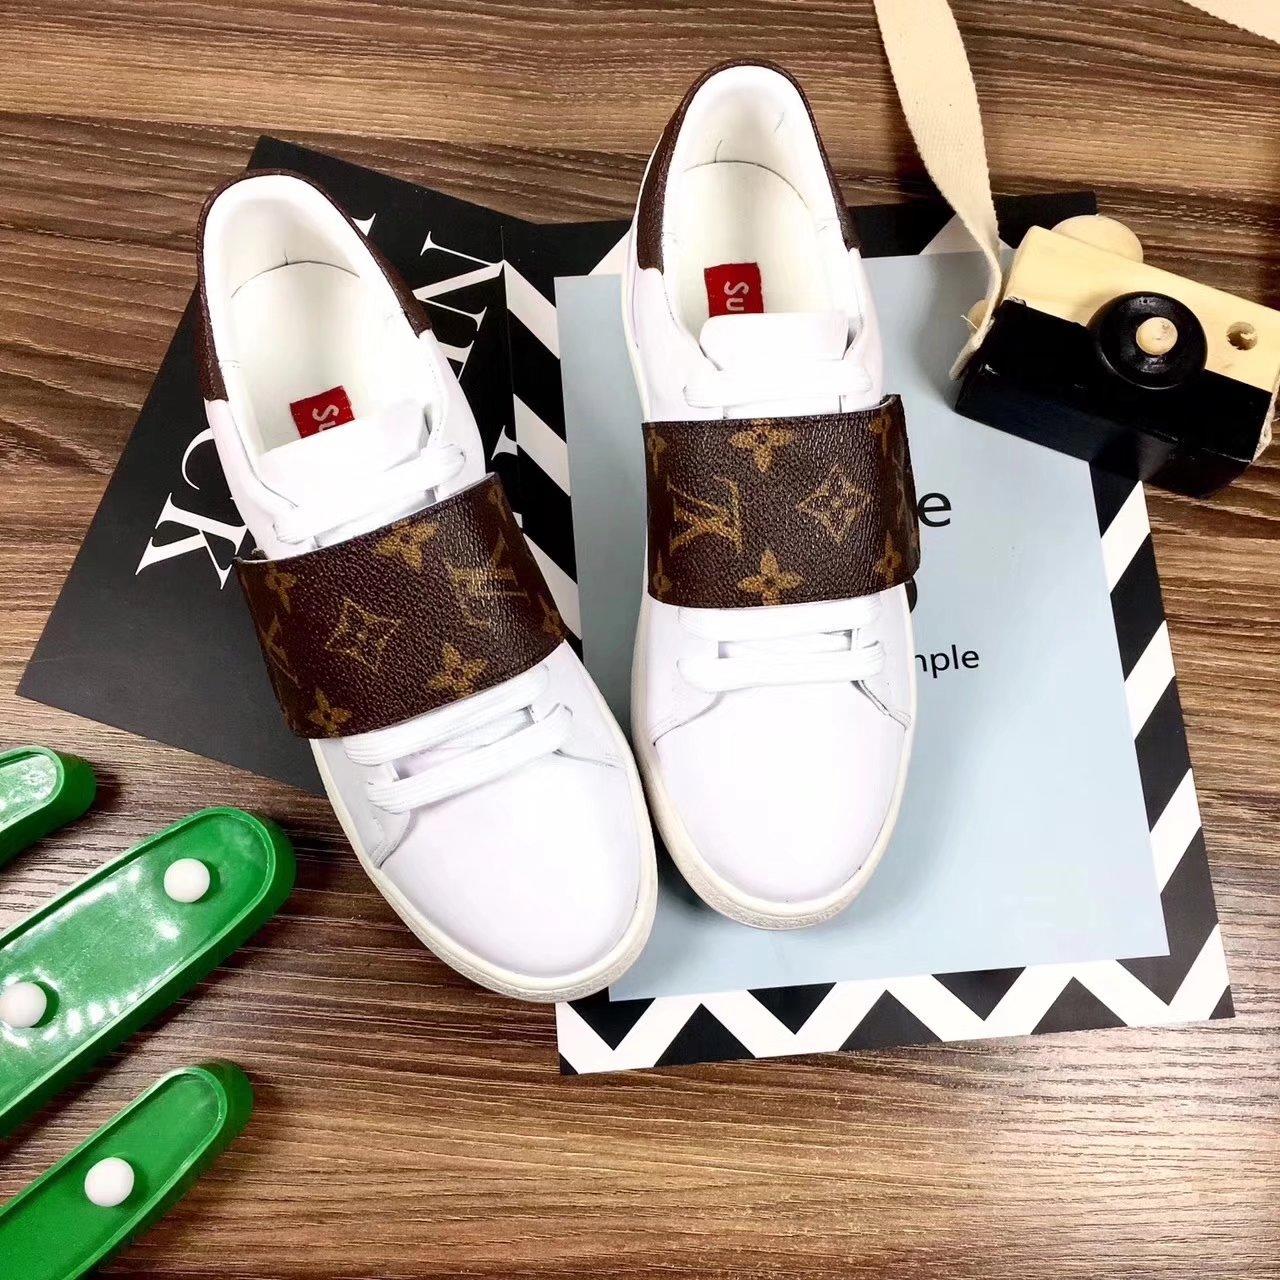 Louis vuitton chaussures femmes - page2,louis vuitton chaussures 2017 femmes  italy first layer cowhide 00ec5ccfe70